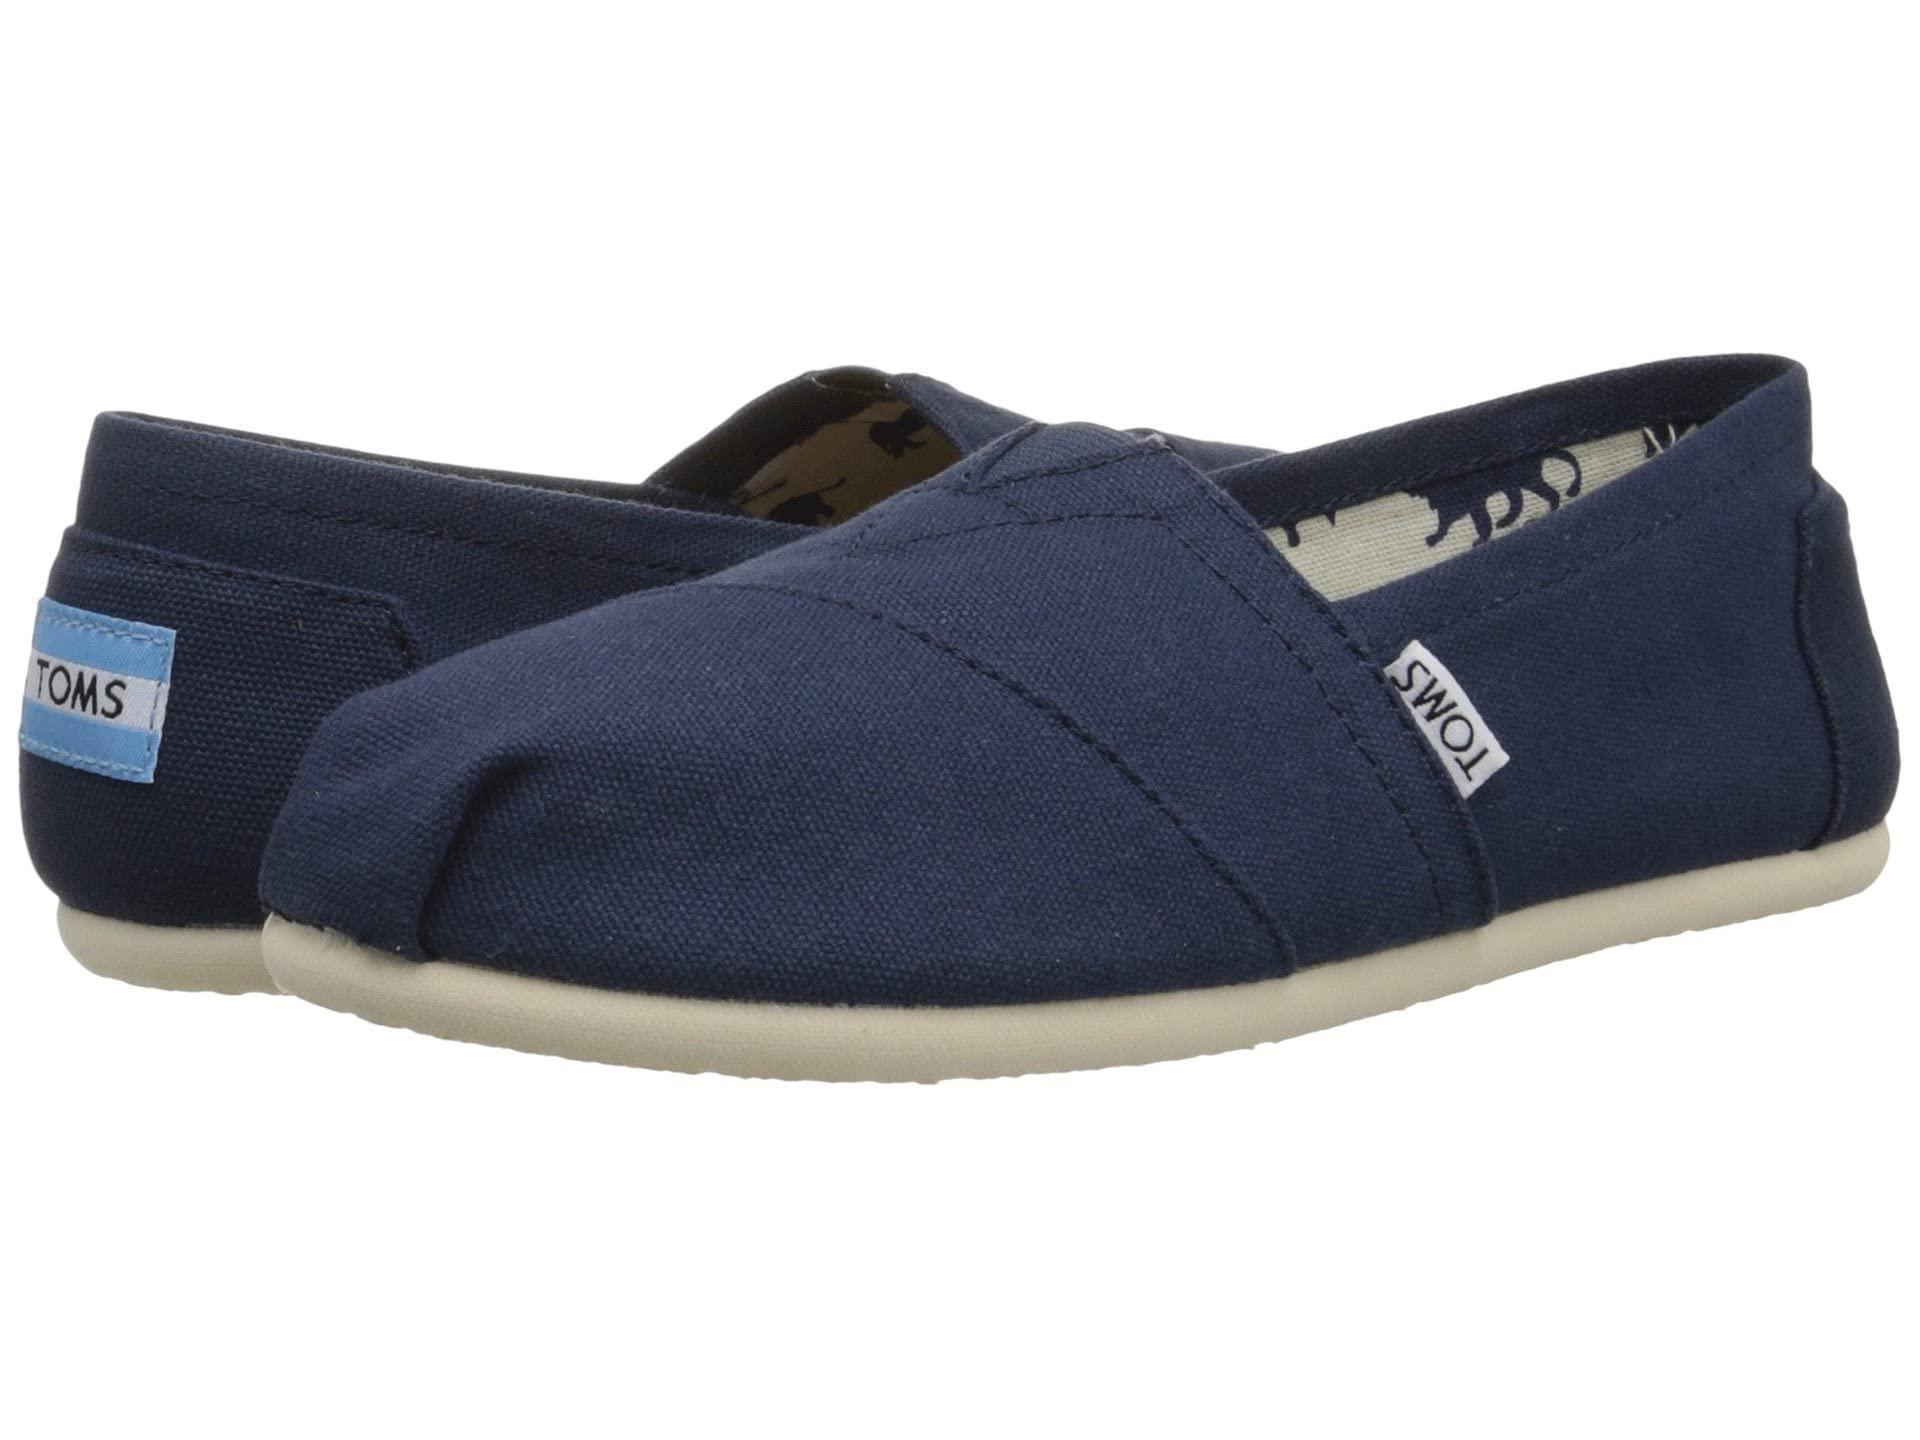 thumbnail 24 - TOMS Women's Classic Alpargata Slip On Shoes